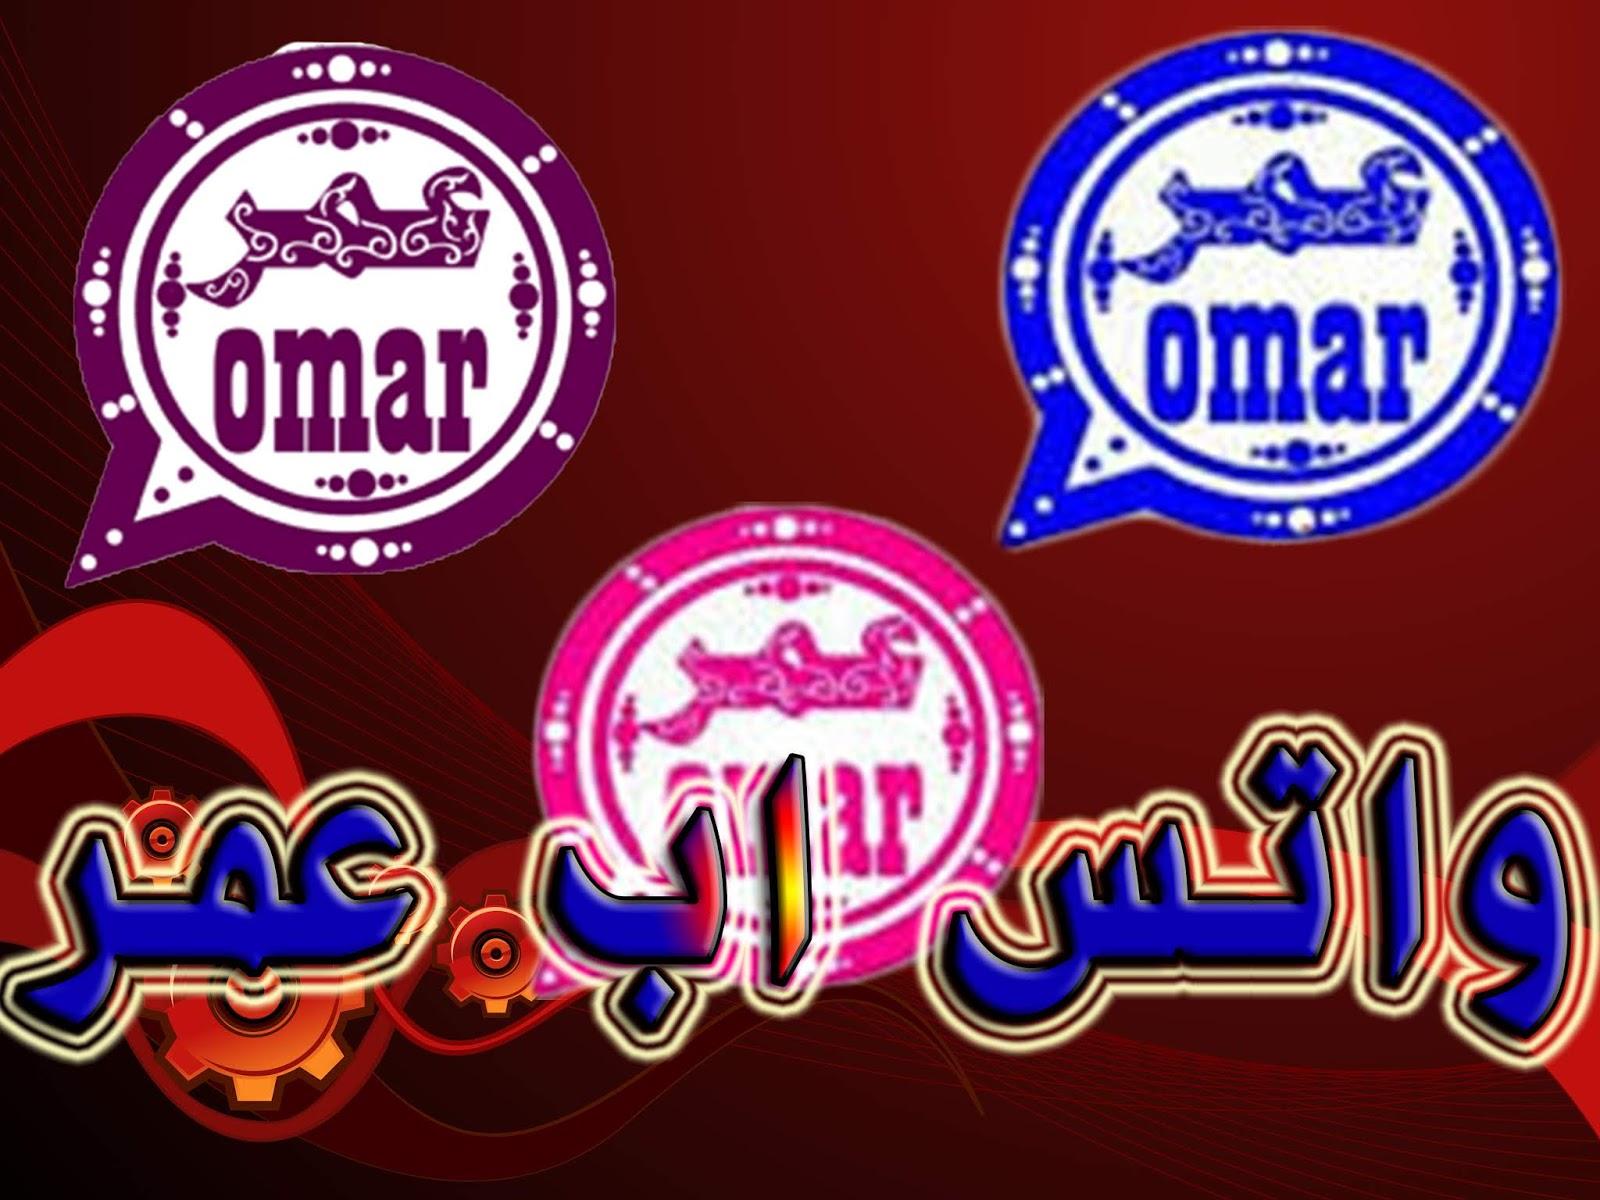 تحميل تحديث واتساب عمر الوردي Omar pink whatsapp 2021 للايفون والاندرويد